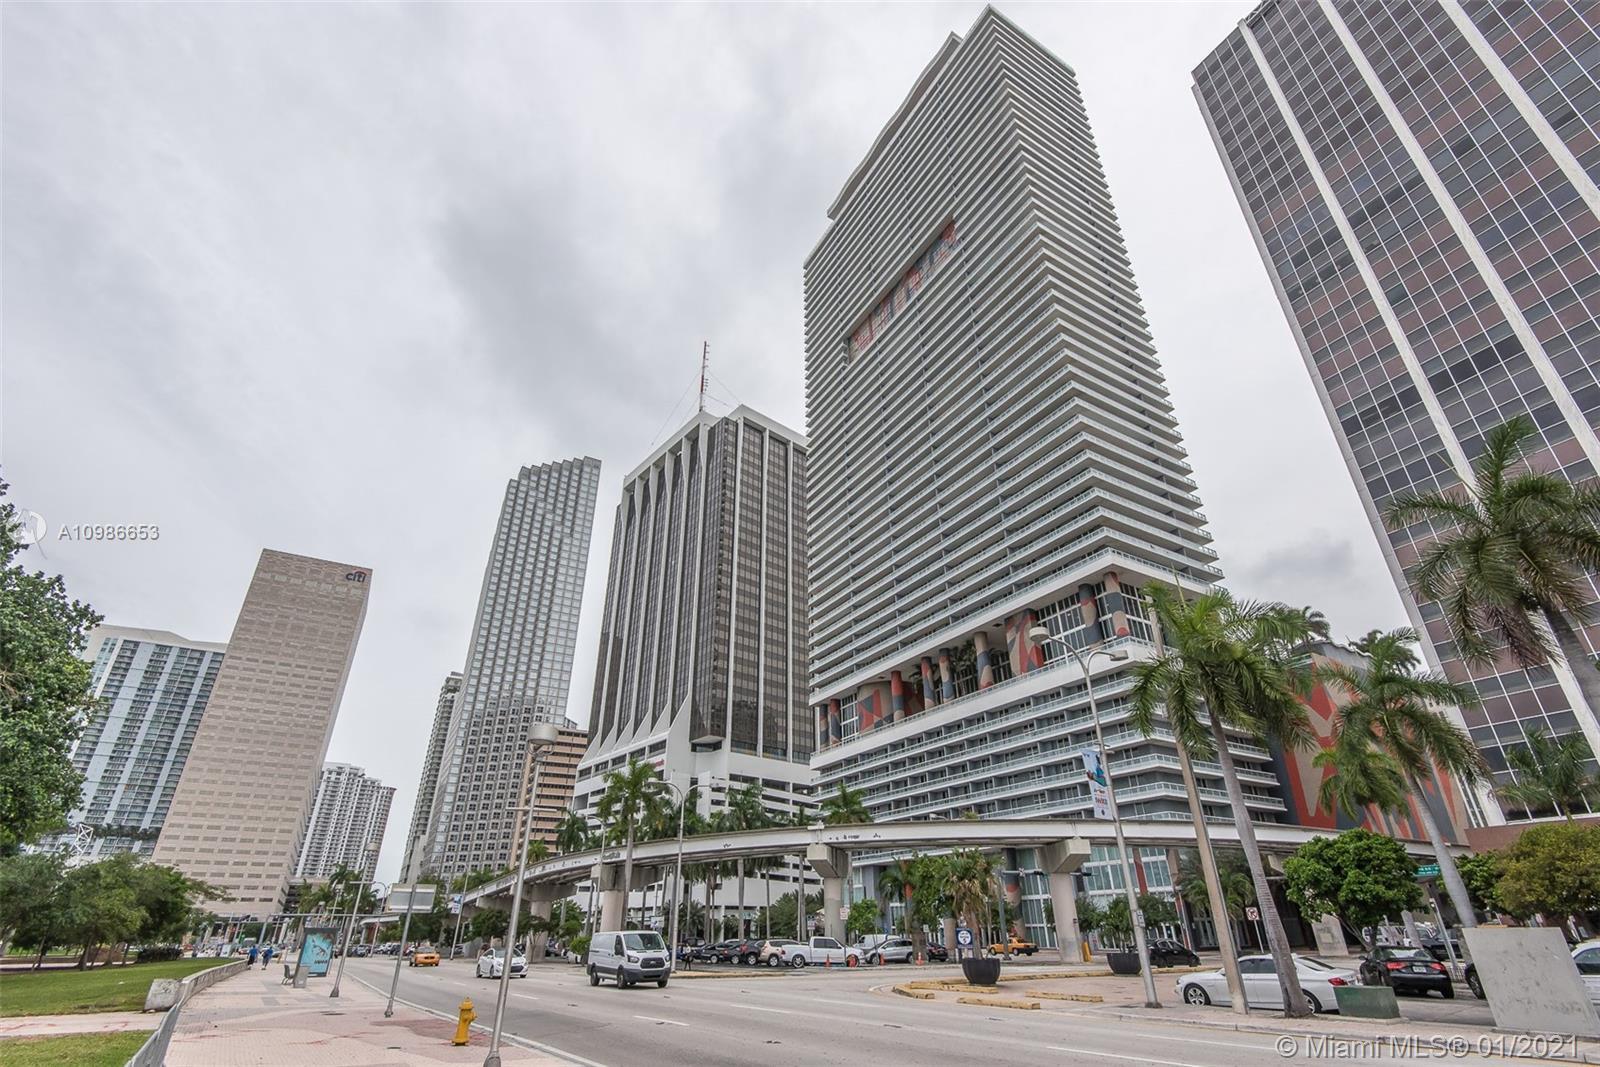 50 Biscayne #2901 - 50 Biscayne Blvd #2901, Miami, FL 33132